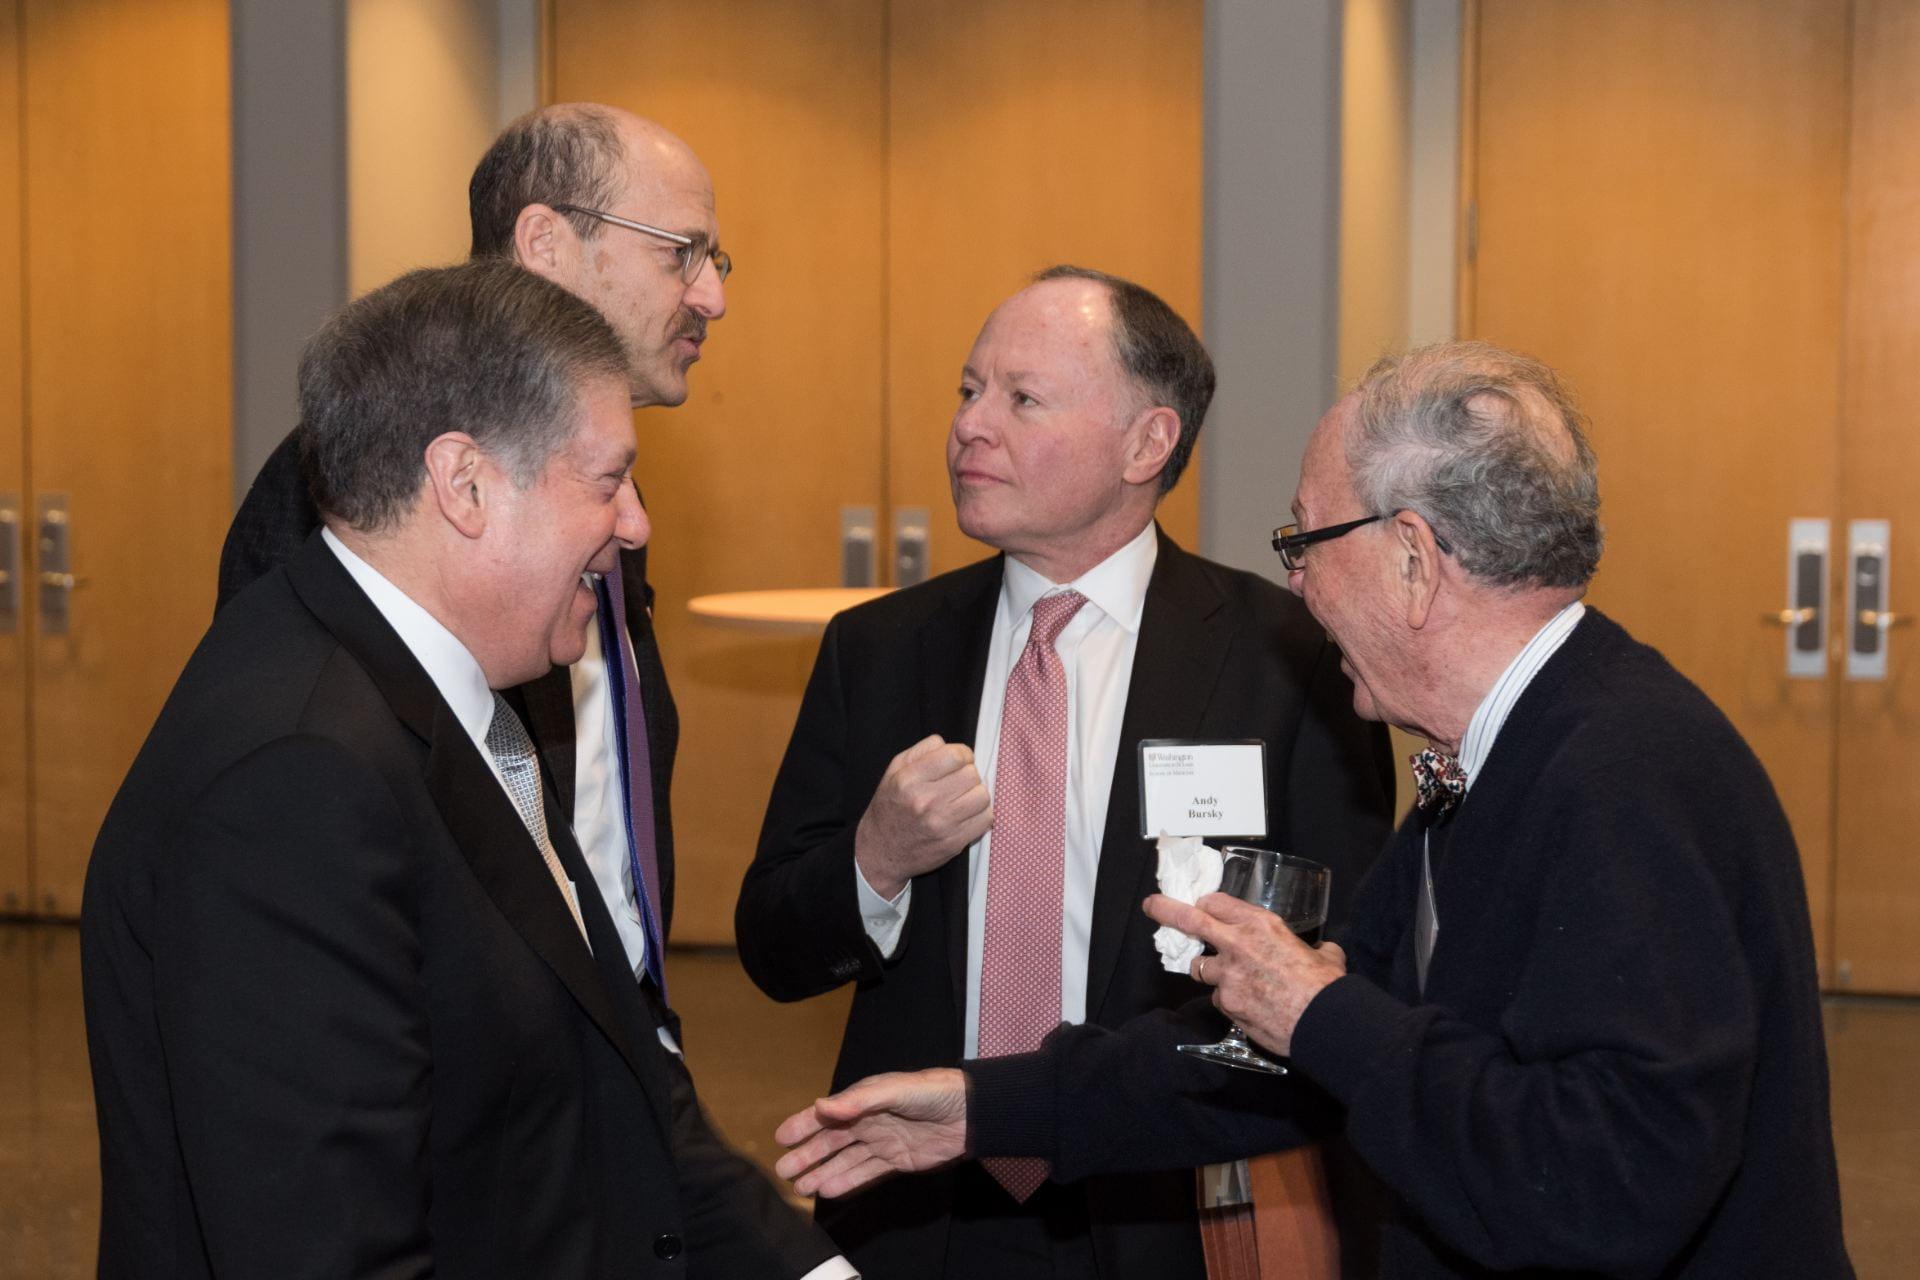 Bob Schreiber, Dean Perlmutter, Andy Bursky, Emil Unanue